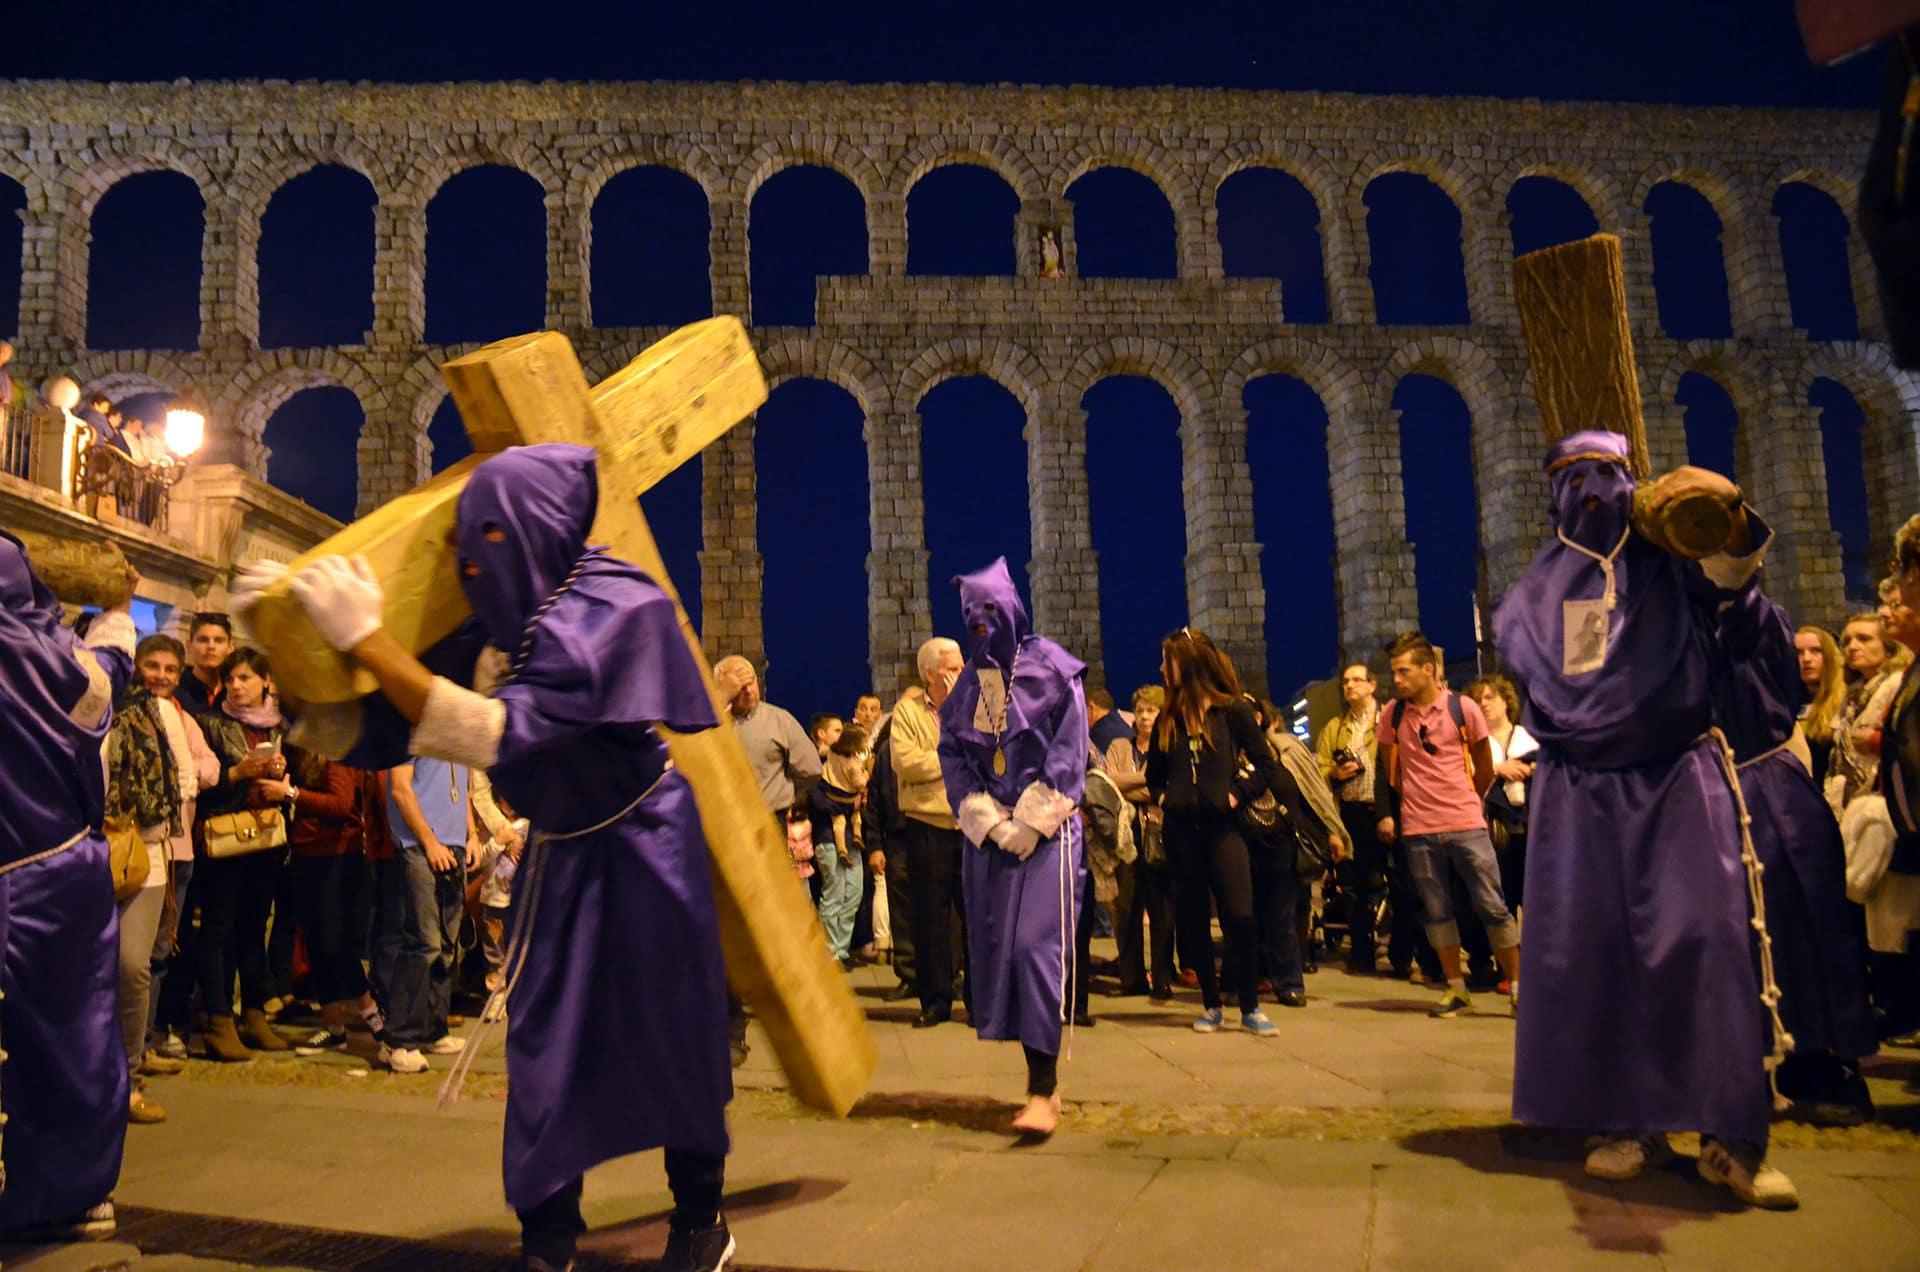 Procesión de El Calvario, La Magdalena al Pie de la Cruz y Ntrs. Sr. de la Piedad, Segovia2